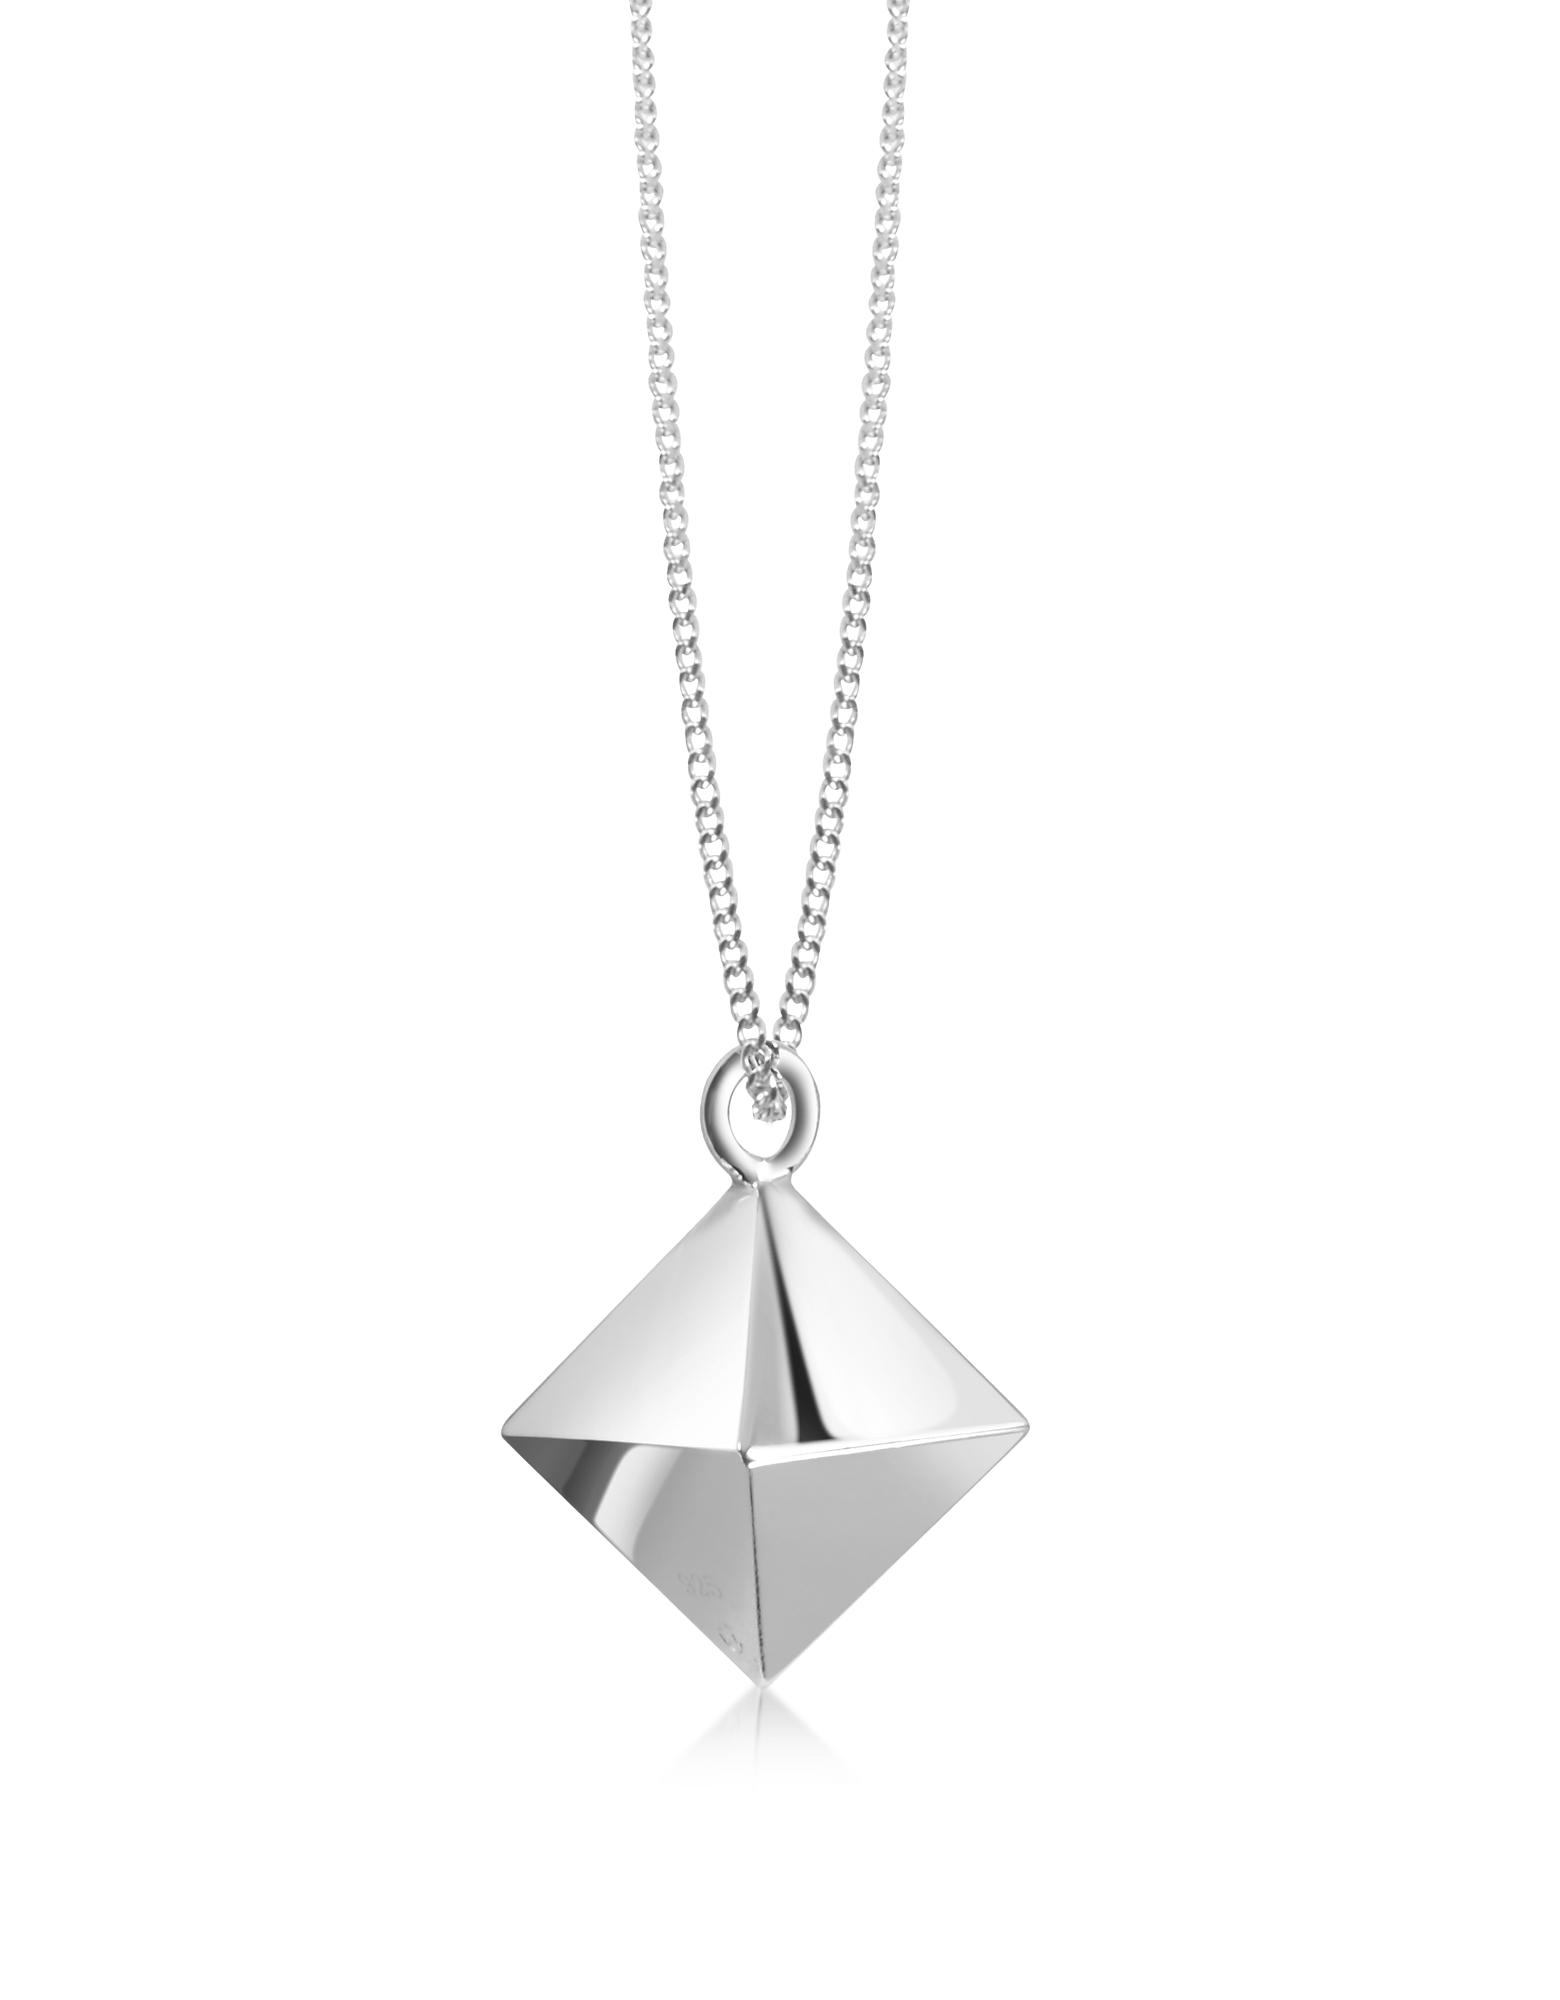 Длинное Ожерелье из Серебра 925 пробы с Подвеской-Призмой